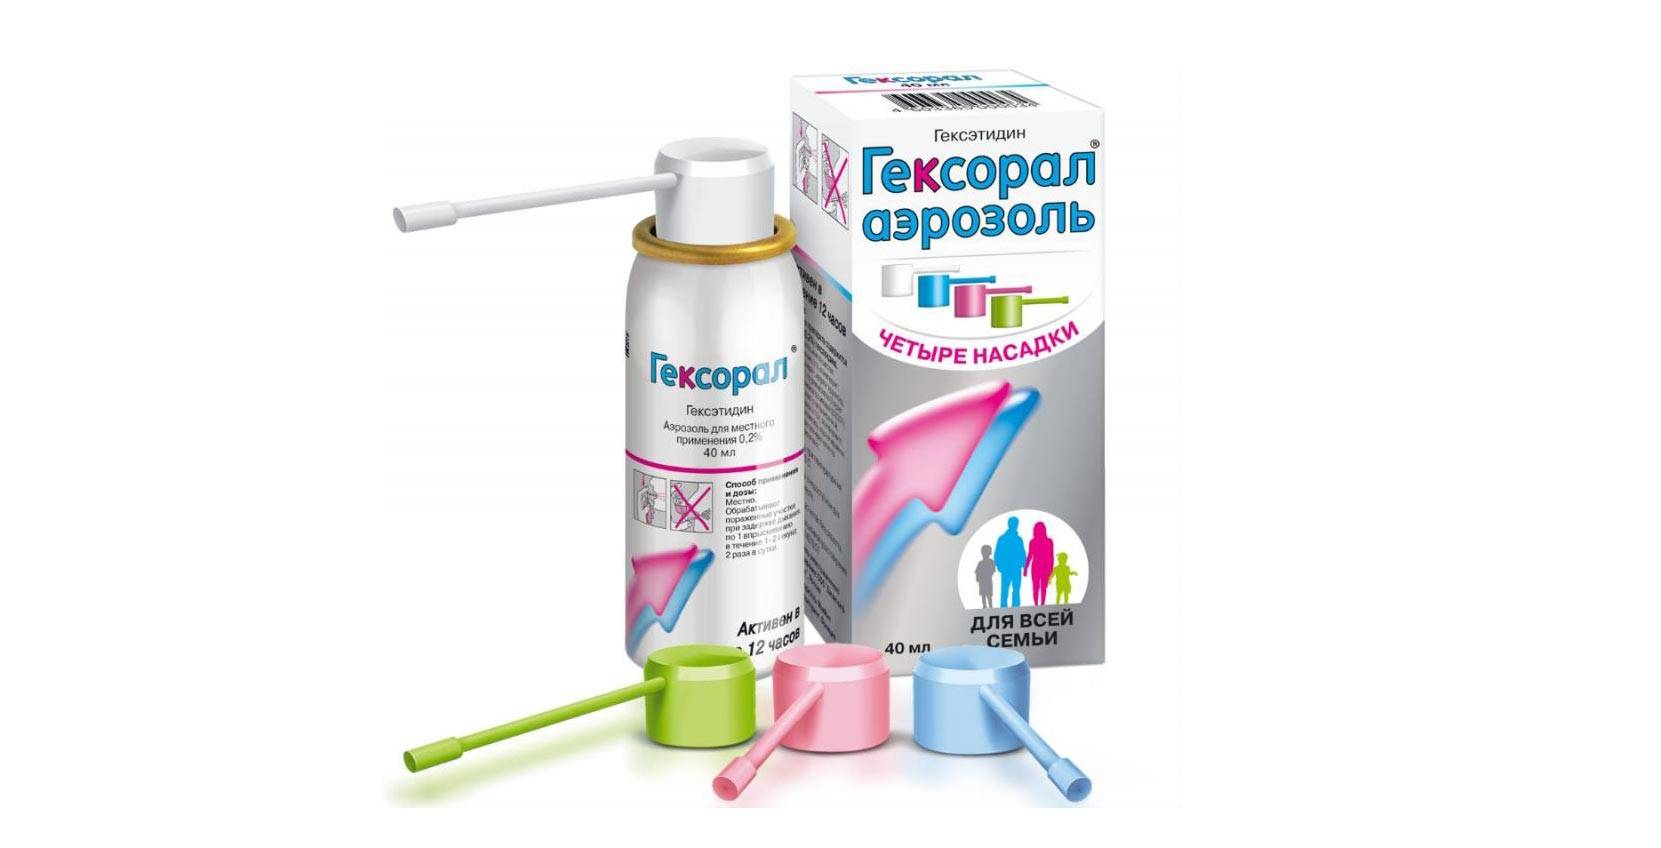 Антимикробное и обезболивающее средство — спрей гексорал: инструкция по применения для детей и полезная информация для родителей